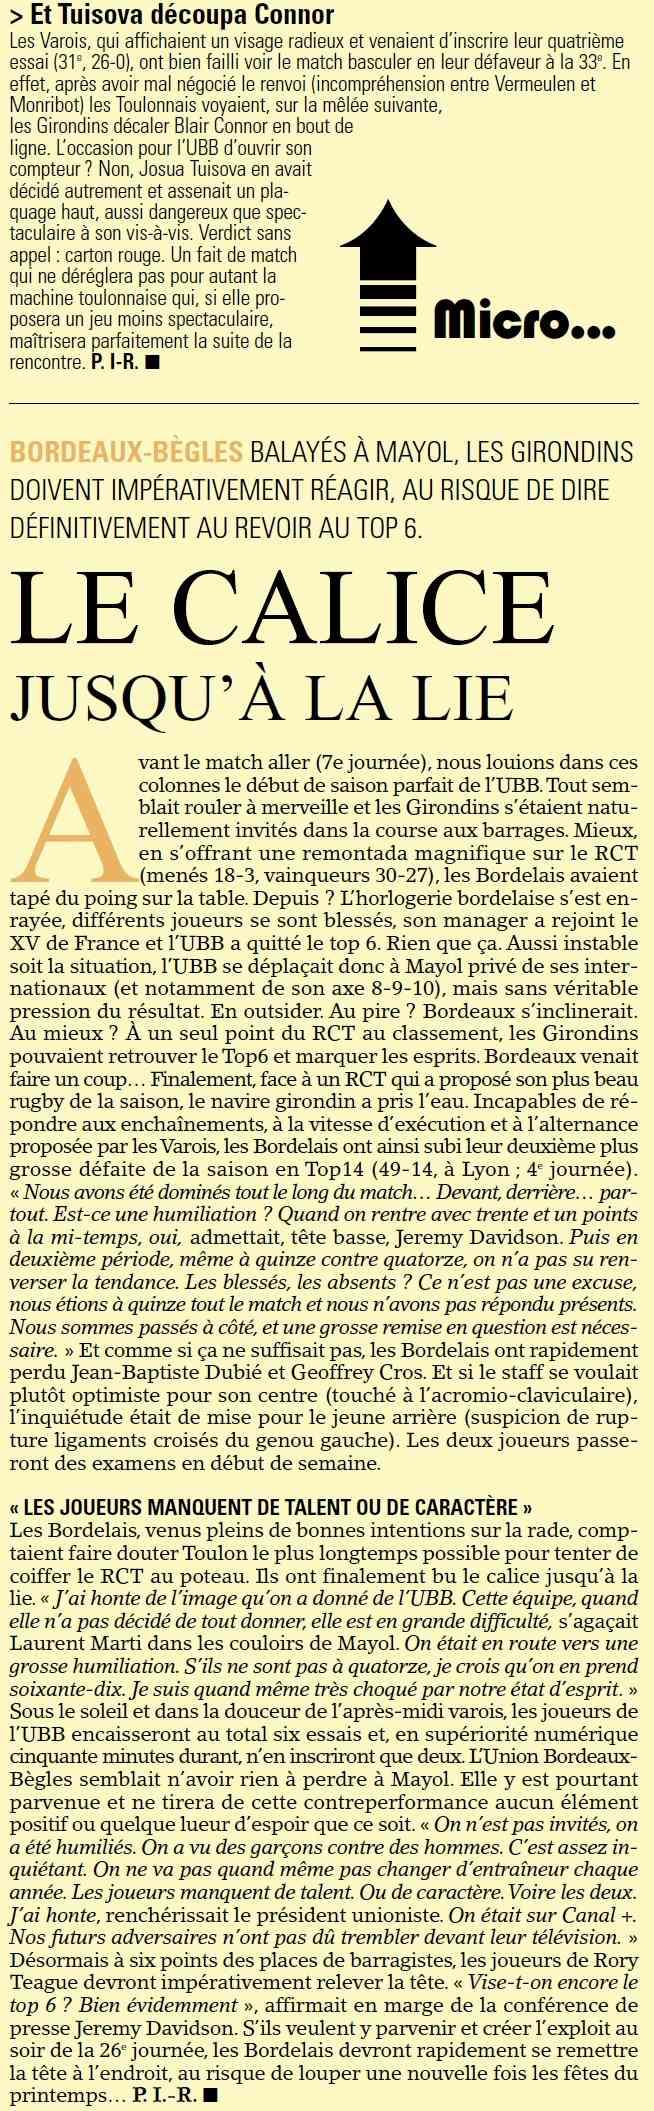 Top14 - 16ème journée : RCT - UBB - Page 11 Sans_t97